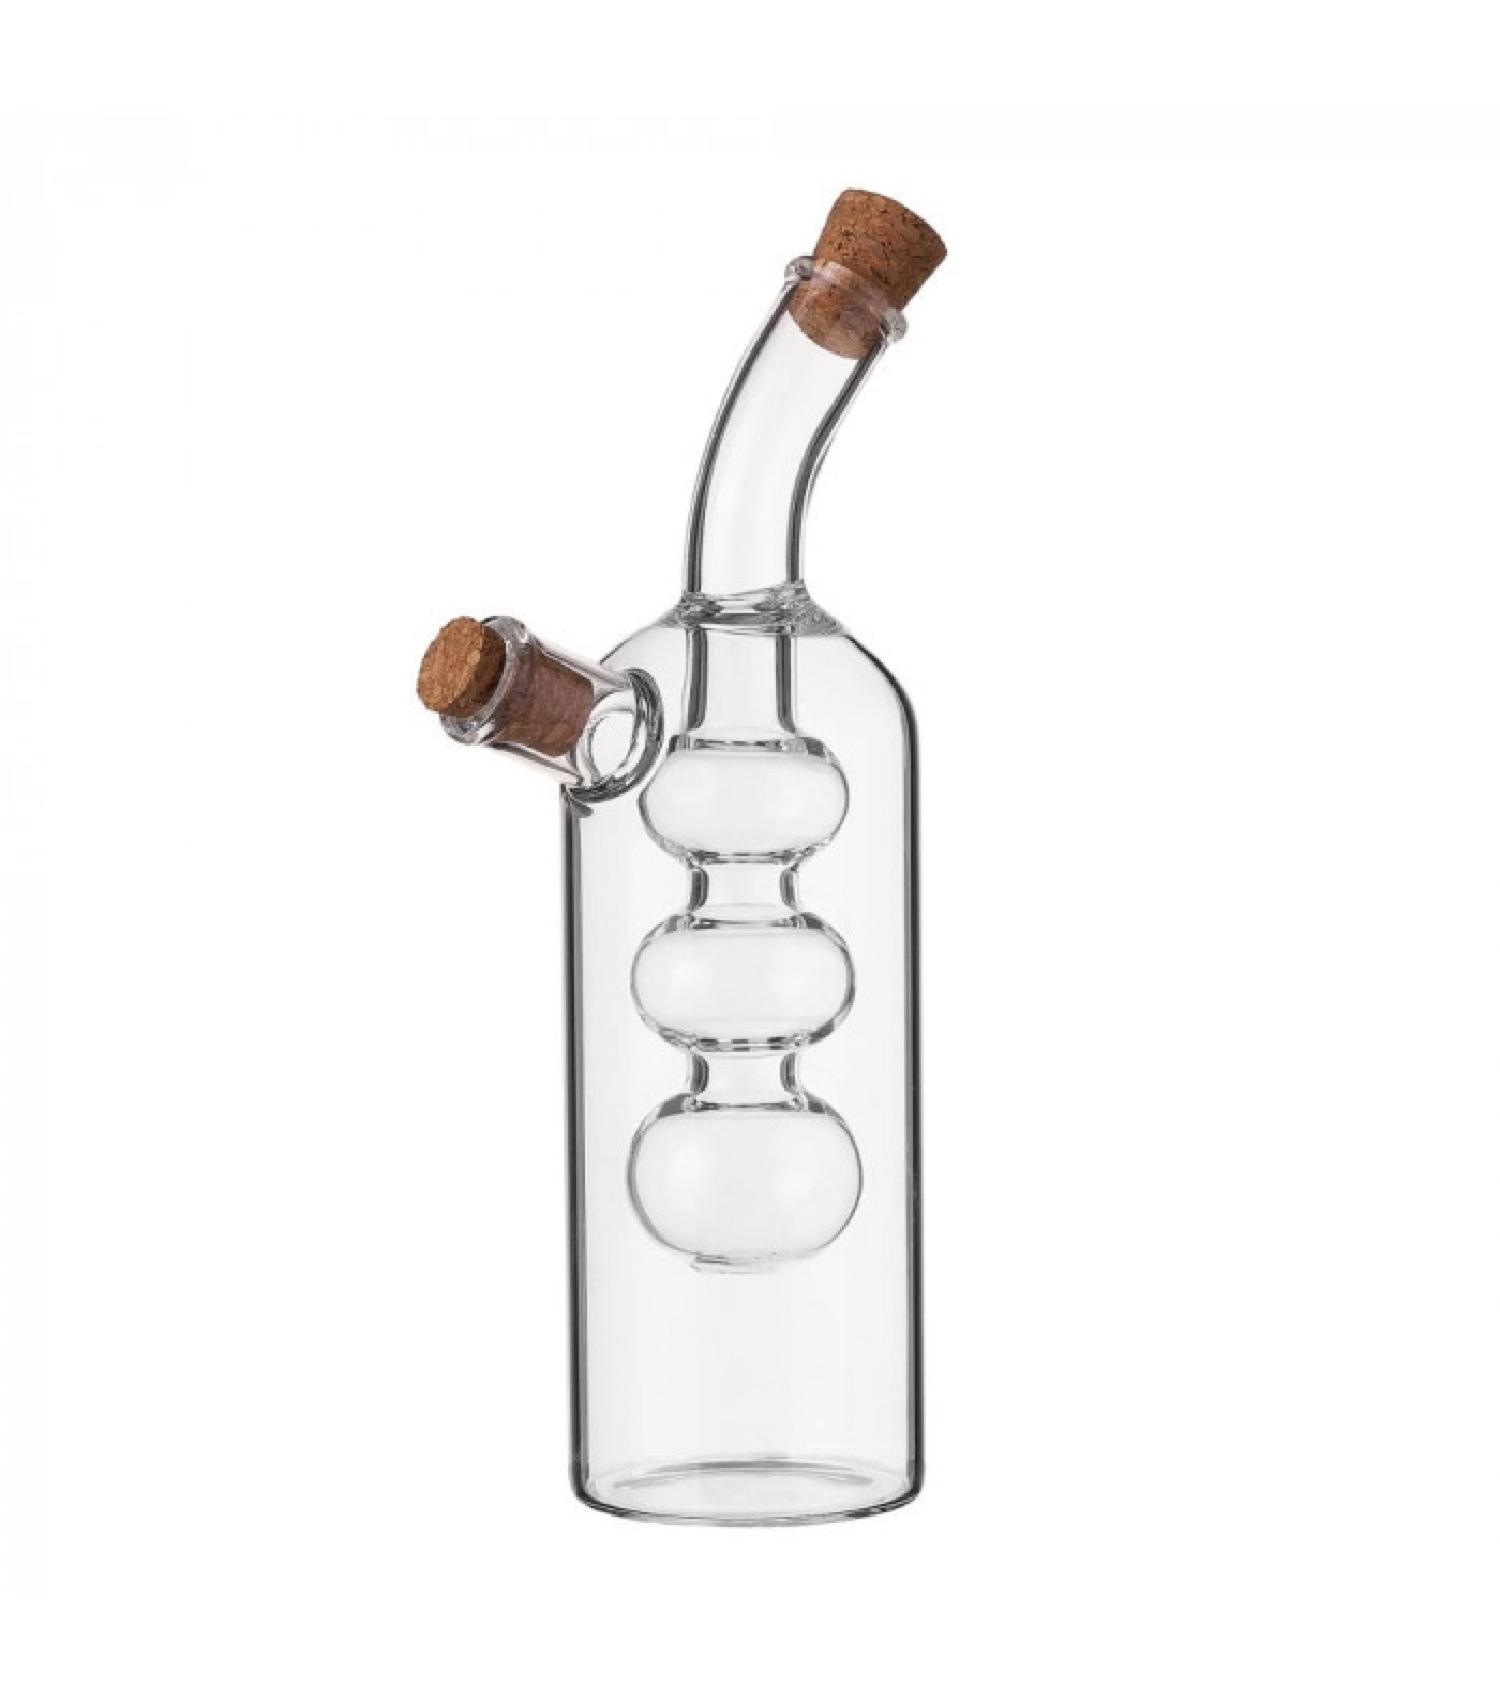 Huilier vinaigrier 2-en-1 en verre bouchons liège H19,5cm